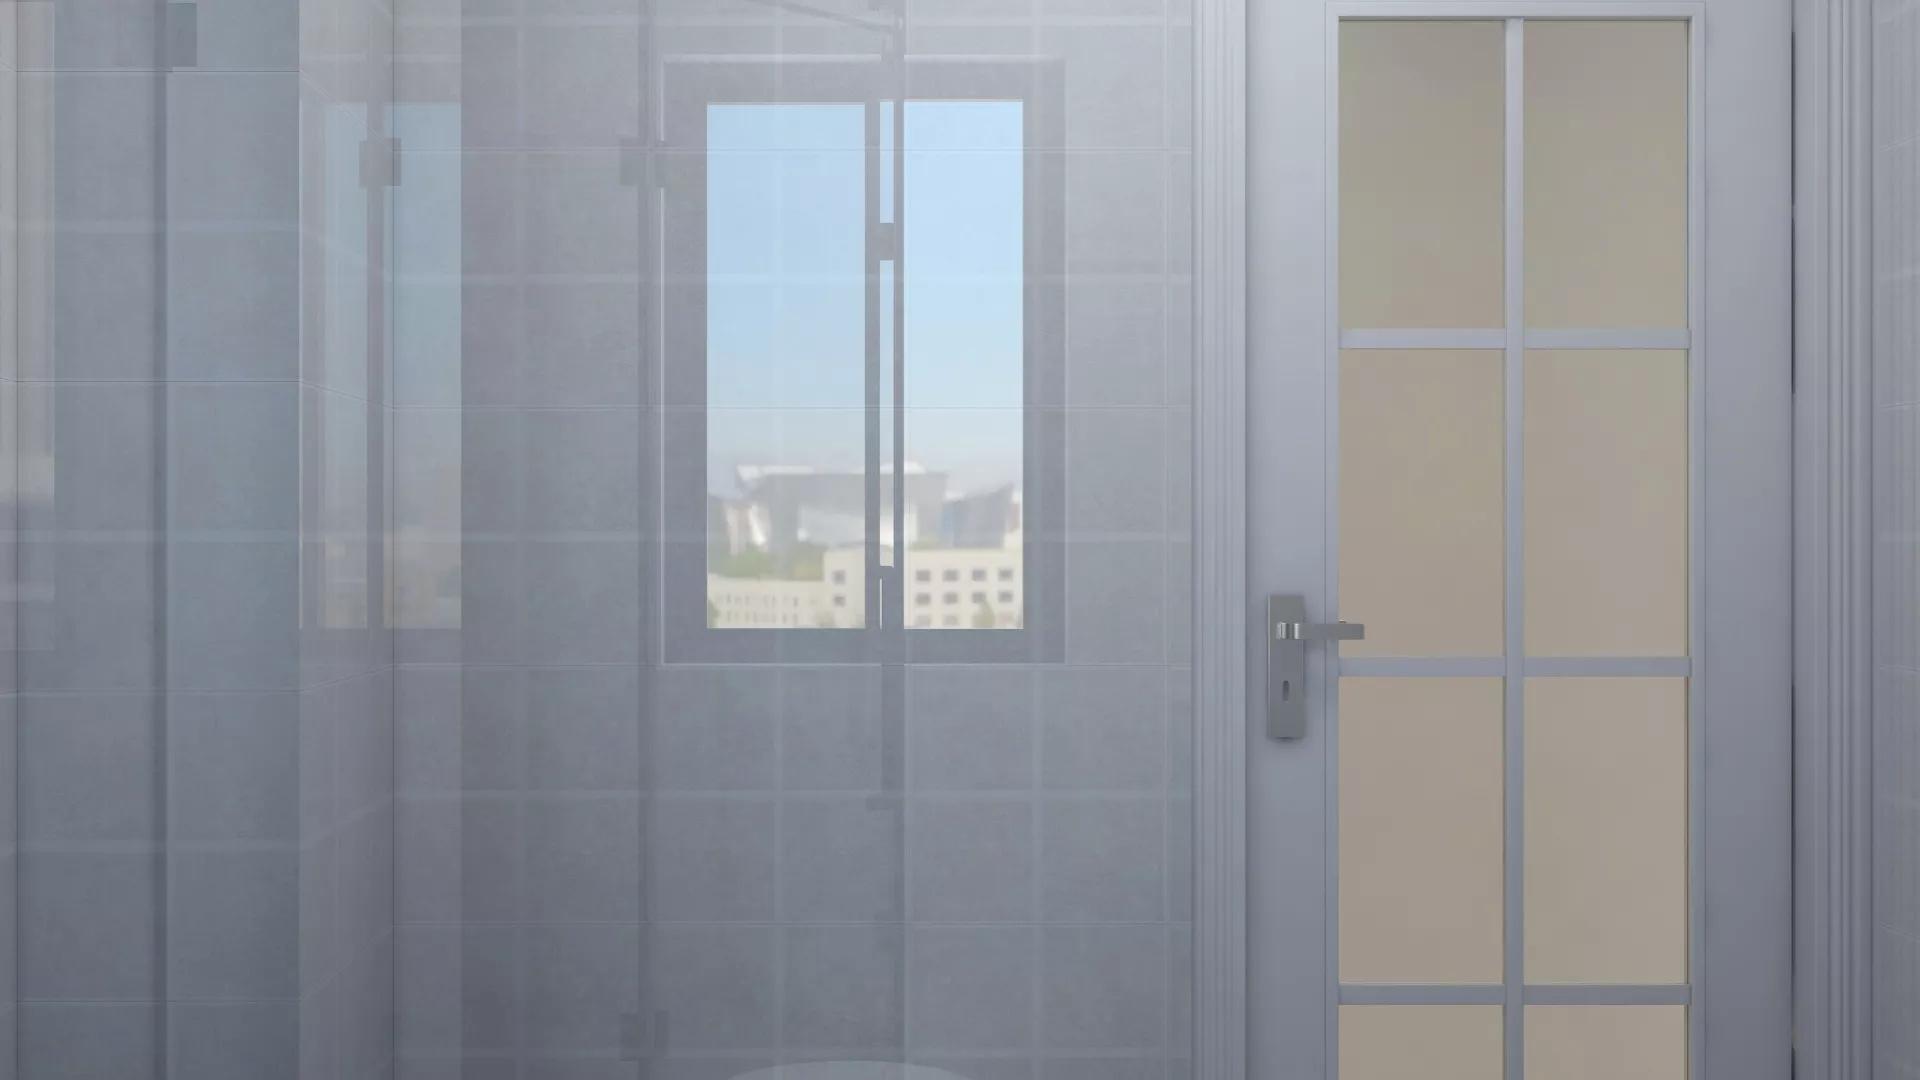 套装门怎么安装  套装门安装方法介绍